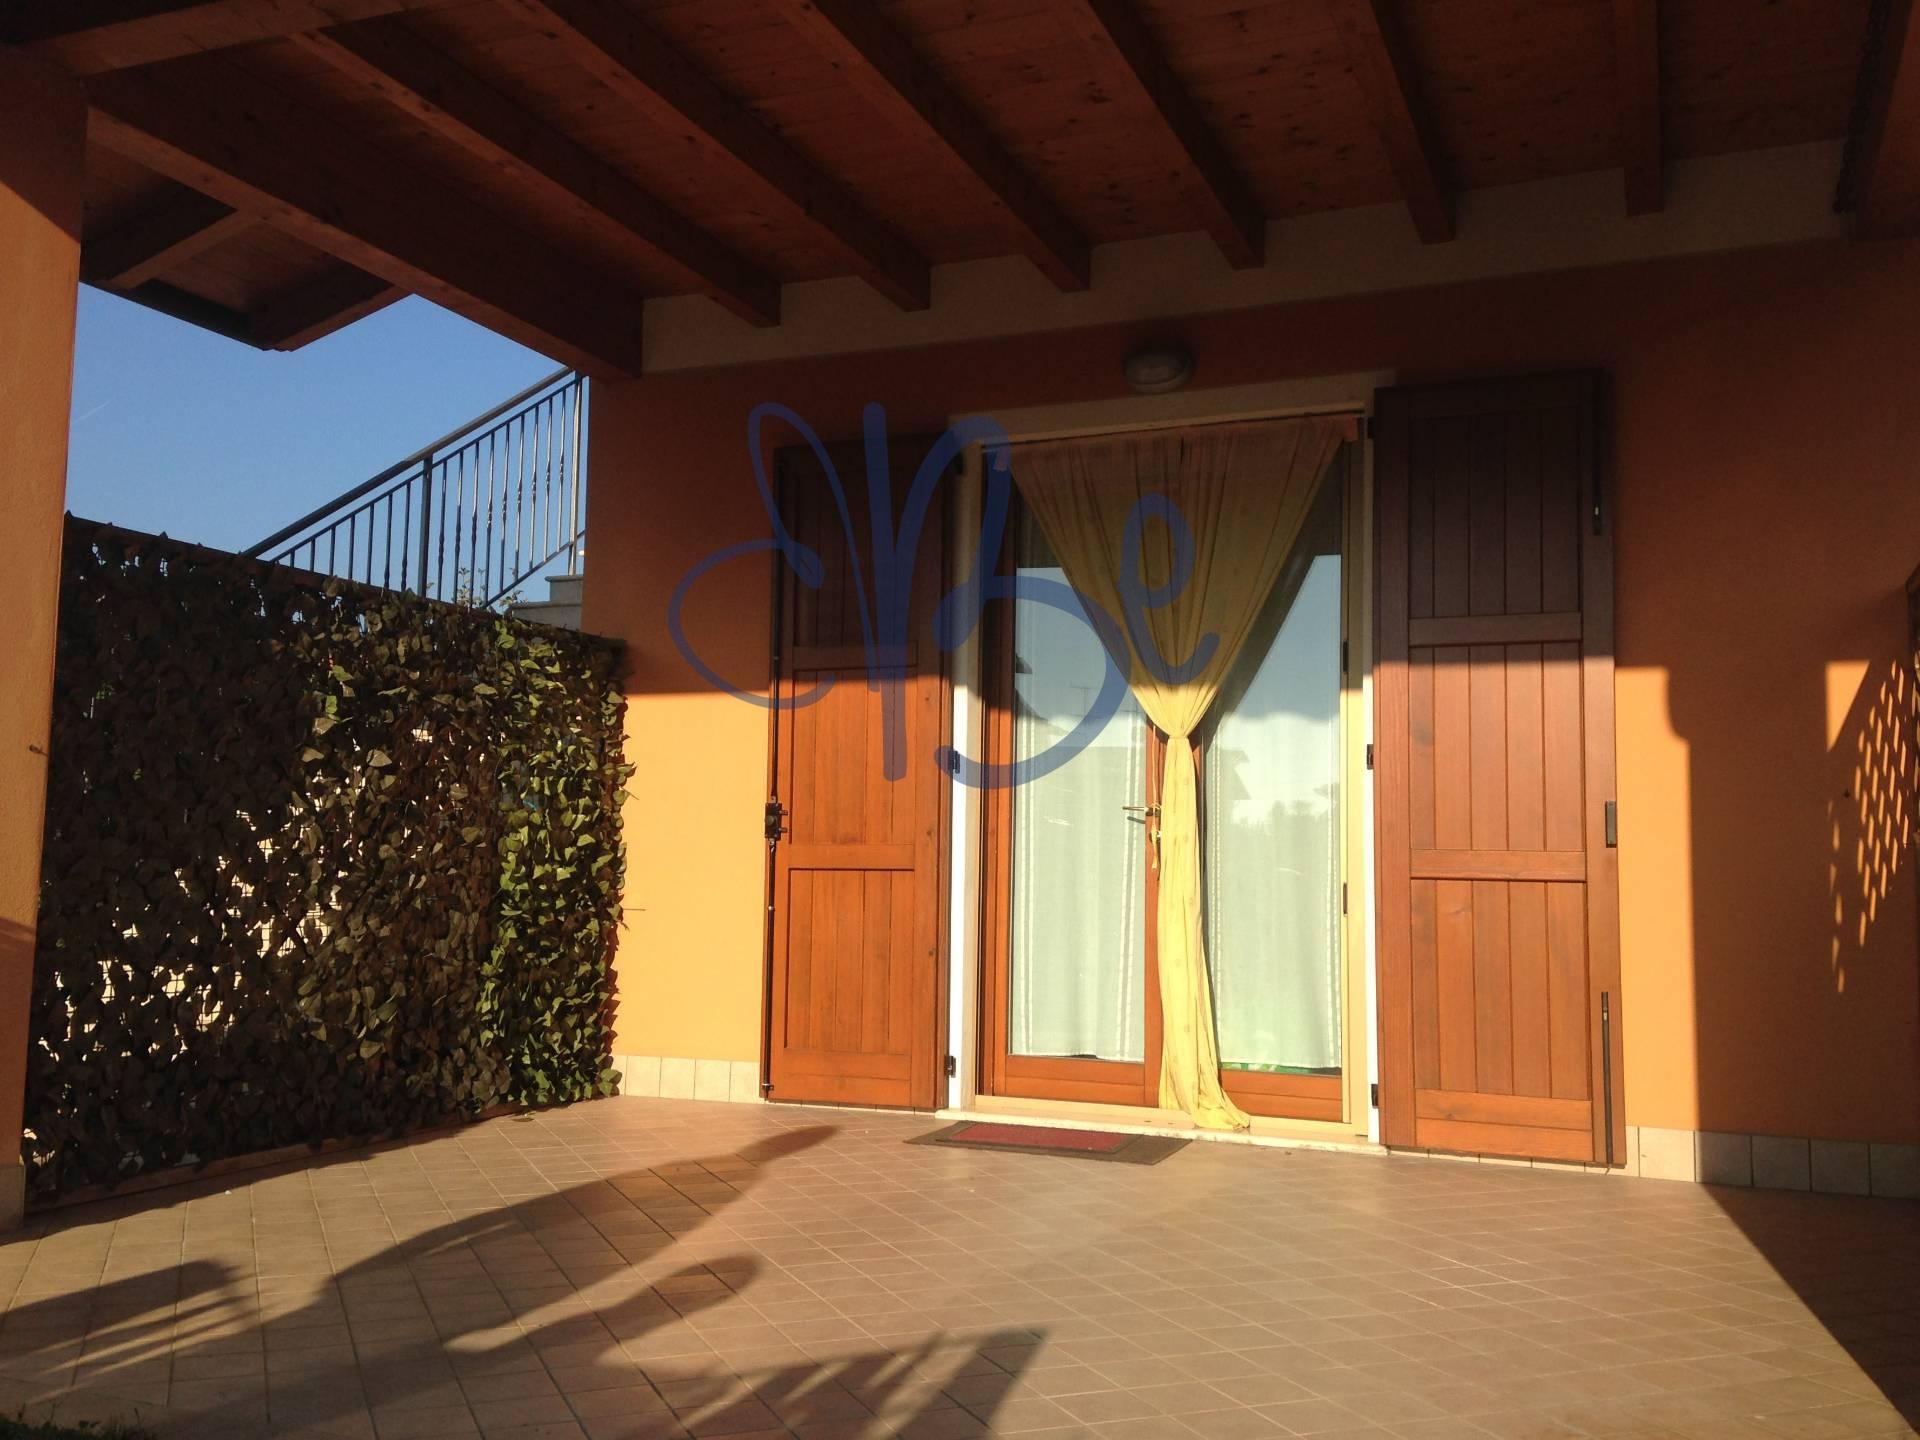 Appartamento in vendita a Puegnago sul Garda, 2 locali, prezzo € 145.000 | Cambio Casa.it